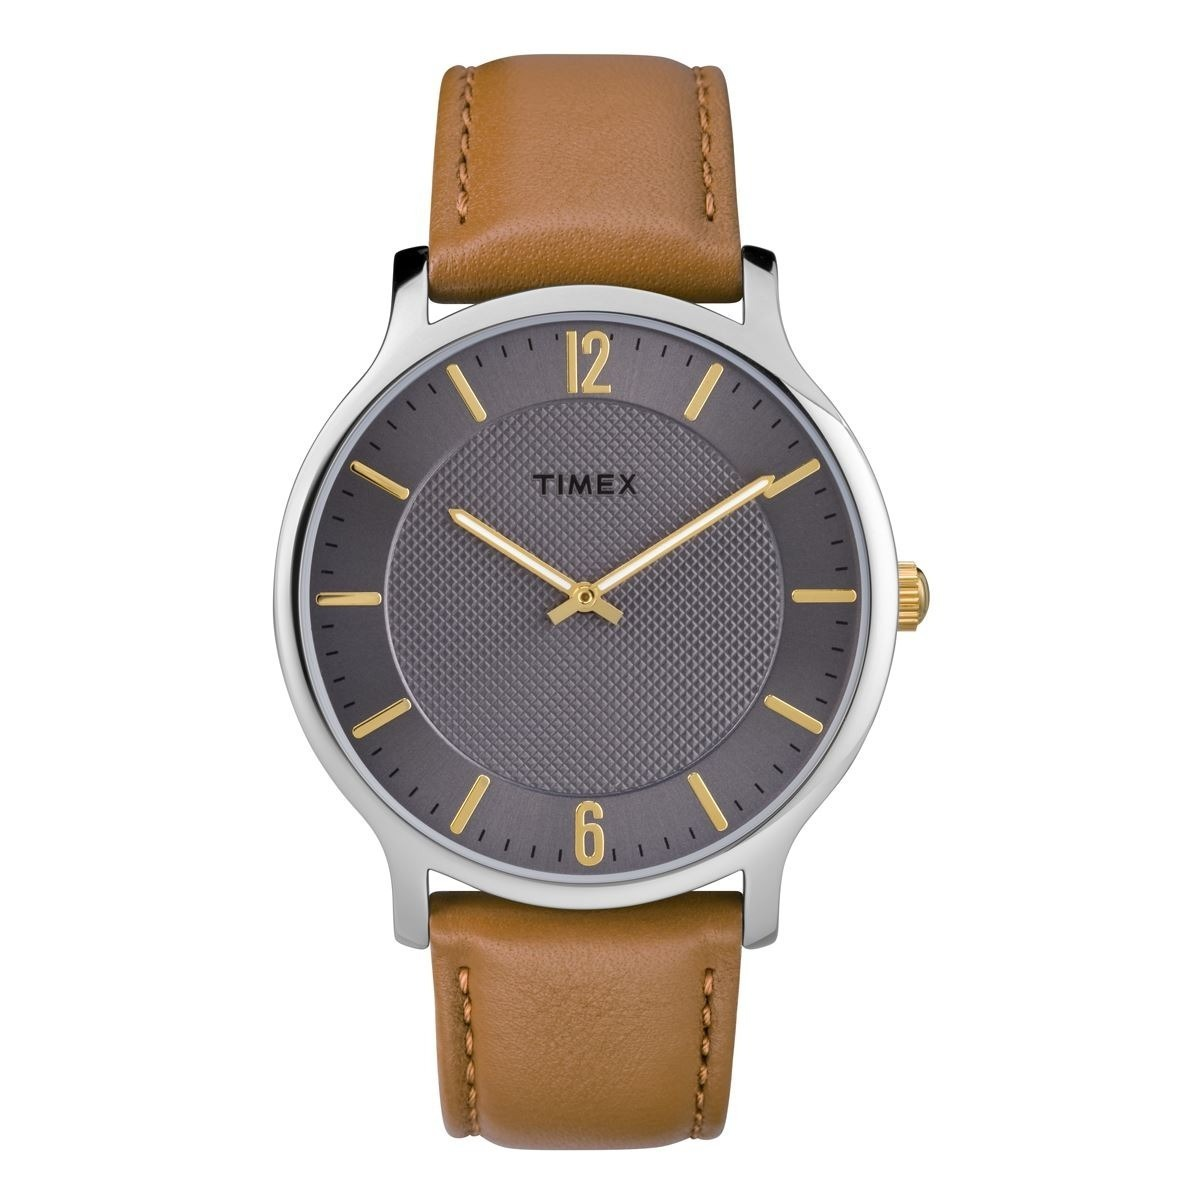 2bbd945de558 reloj timex tw2r49700 100% original para caballero. Cargando zoom.